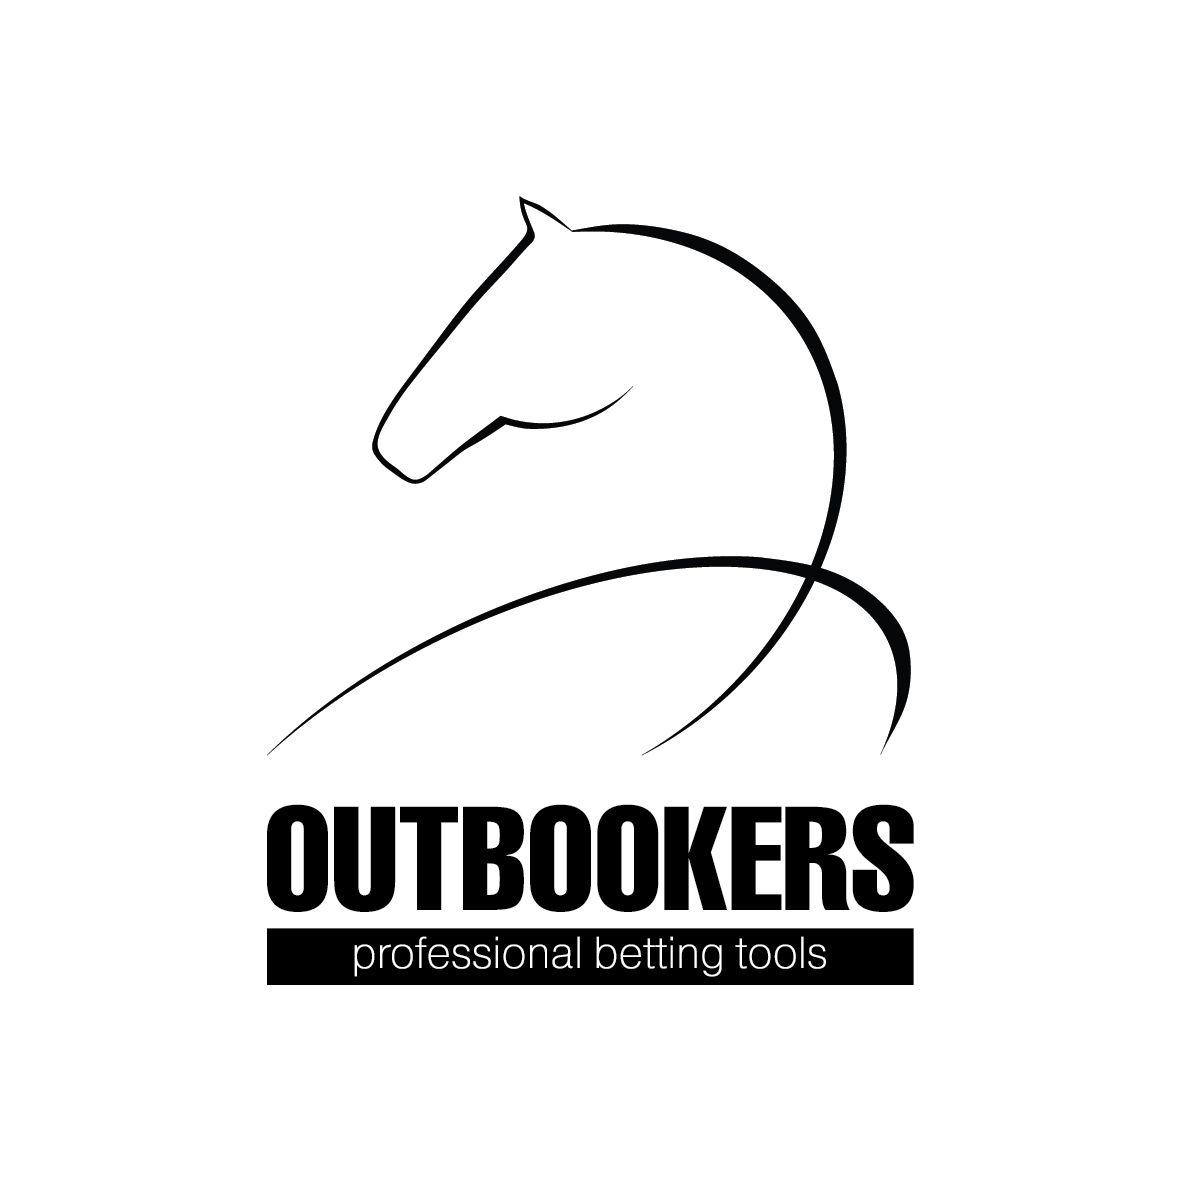 Образ лошади в логотипе (спортивная аналитика) - дизайнер kit-design